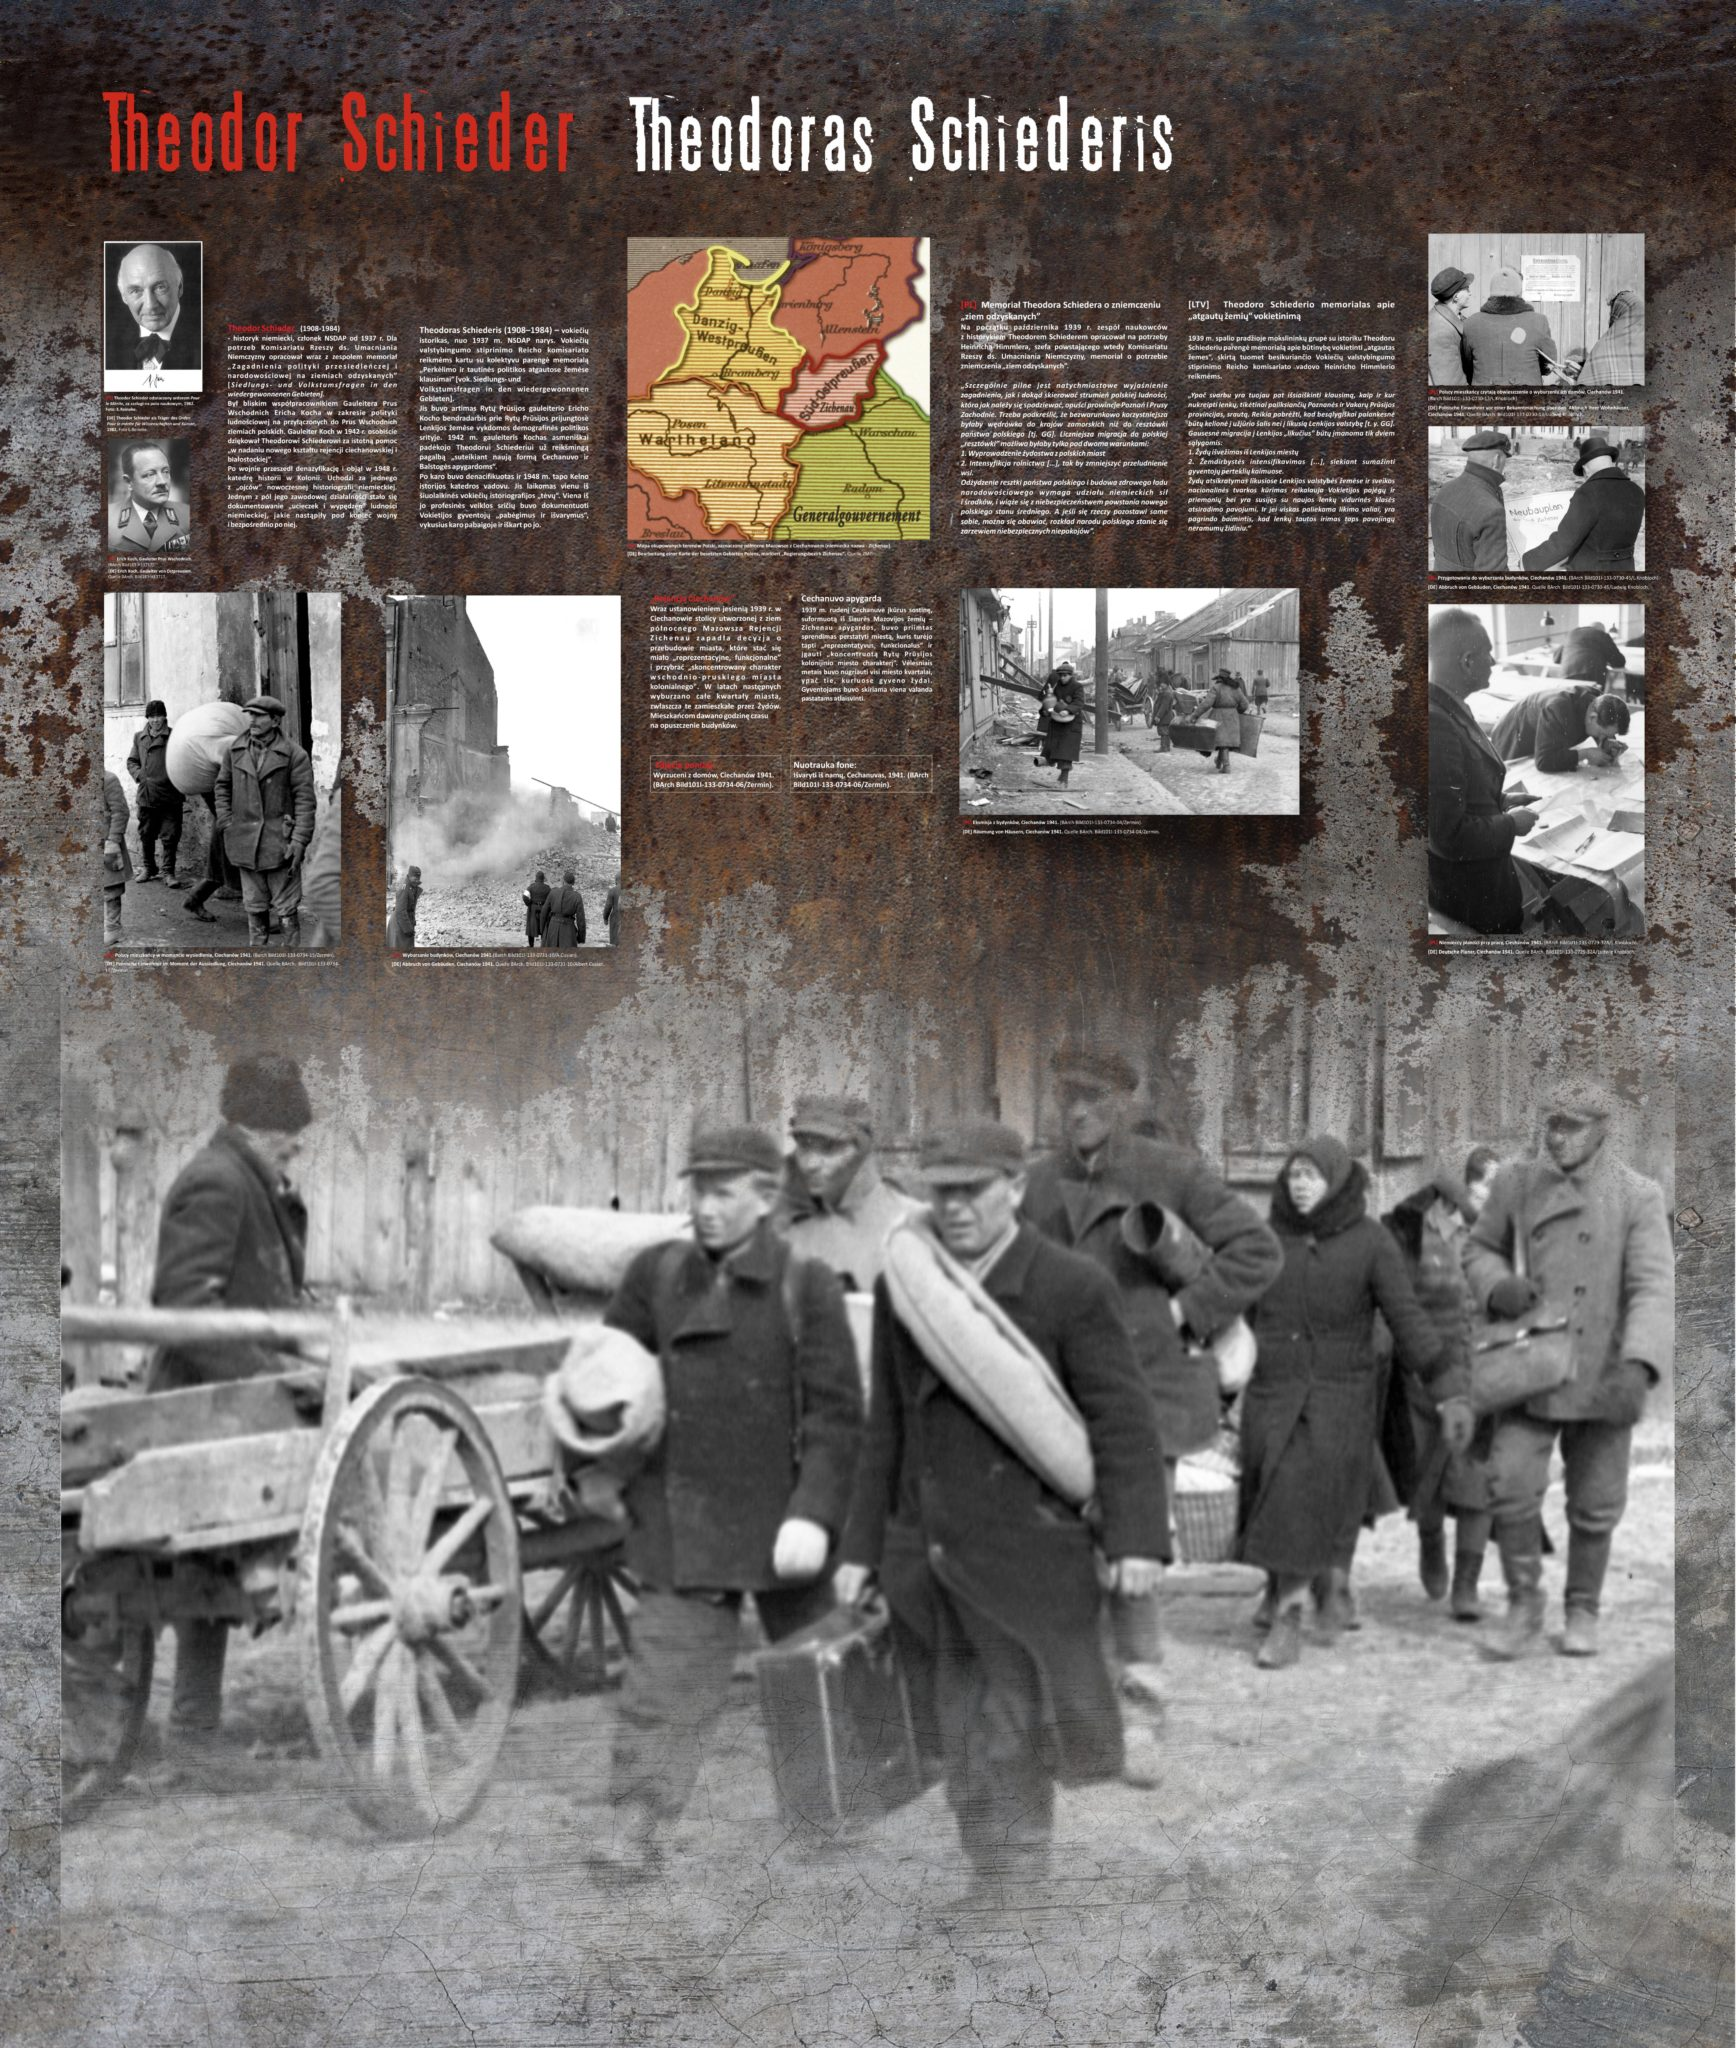 Teodor Schieder i ziemie odzyskane / Theodoras Schiederis